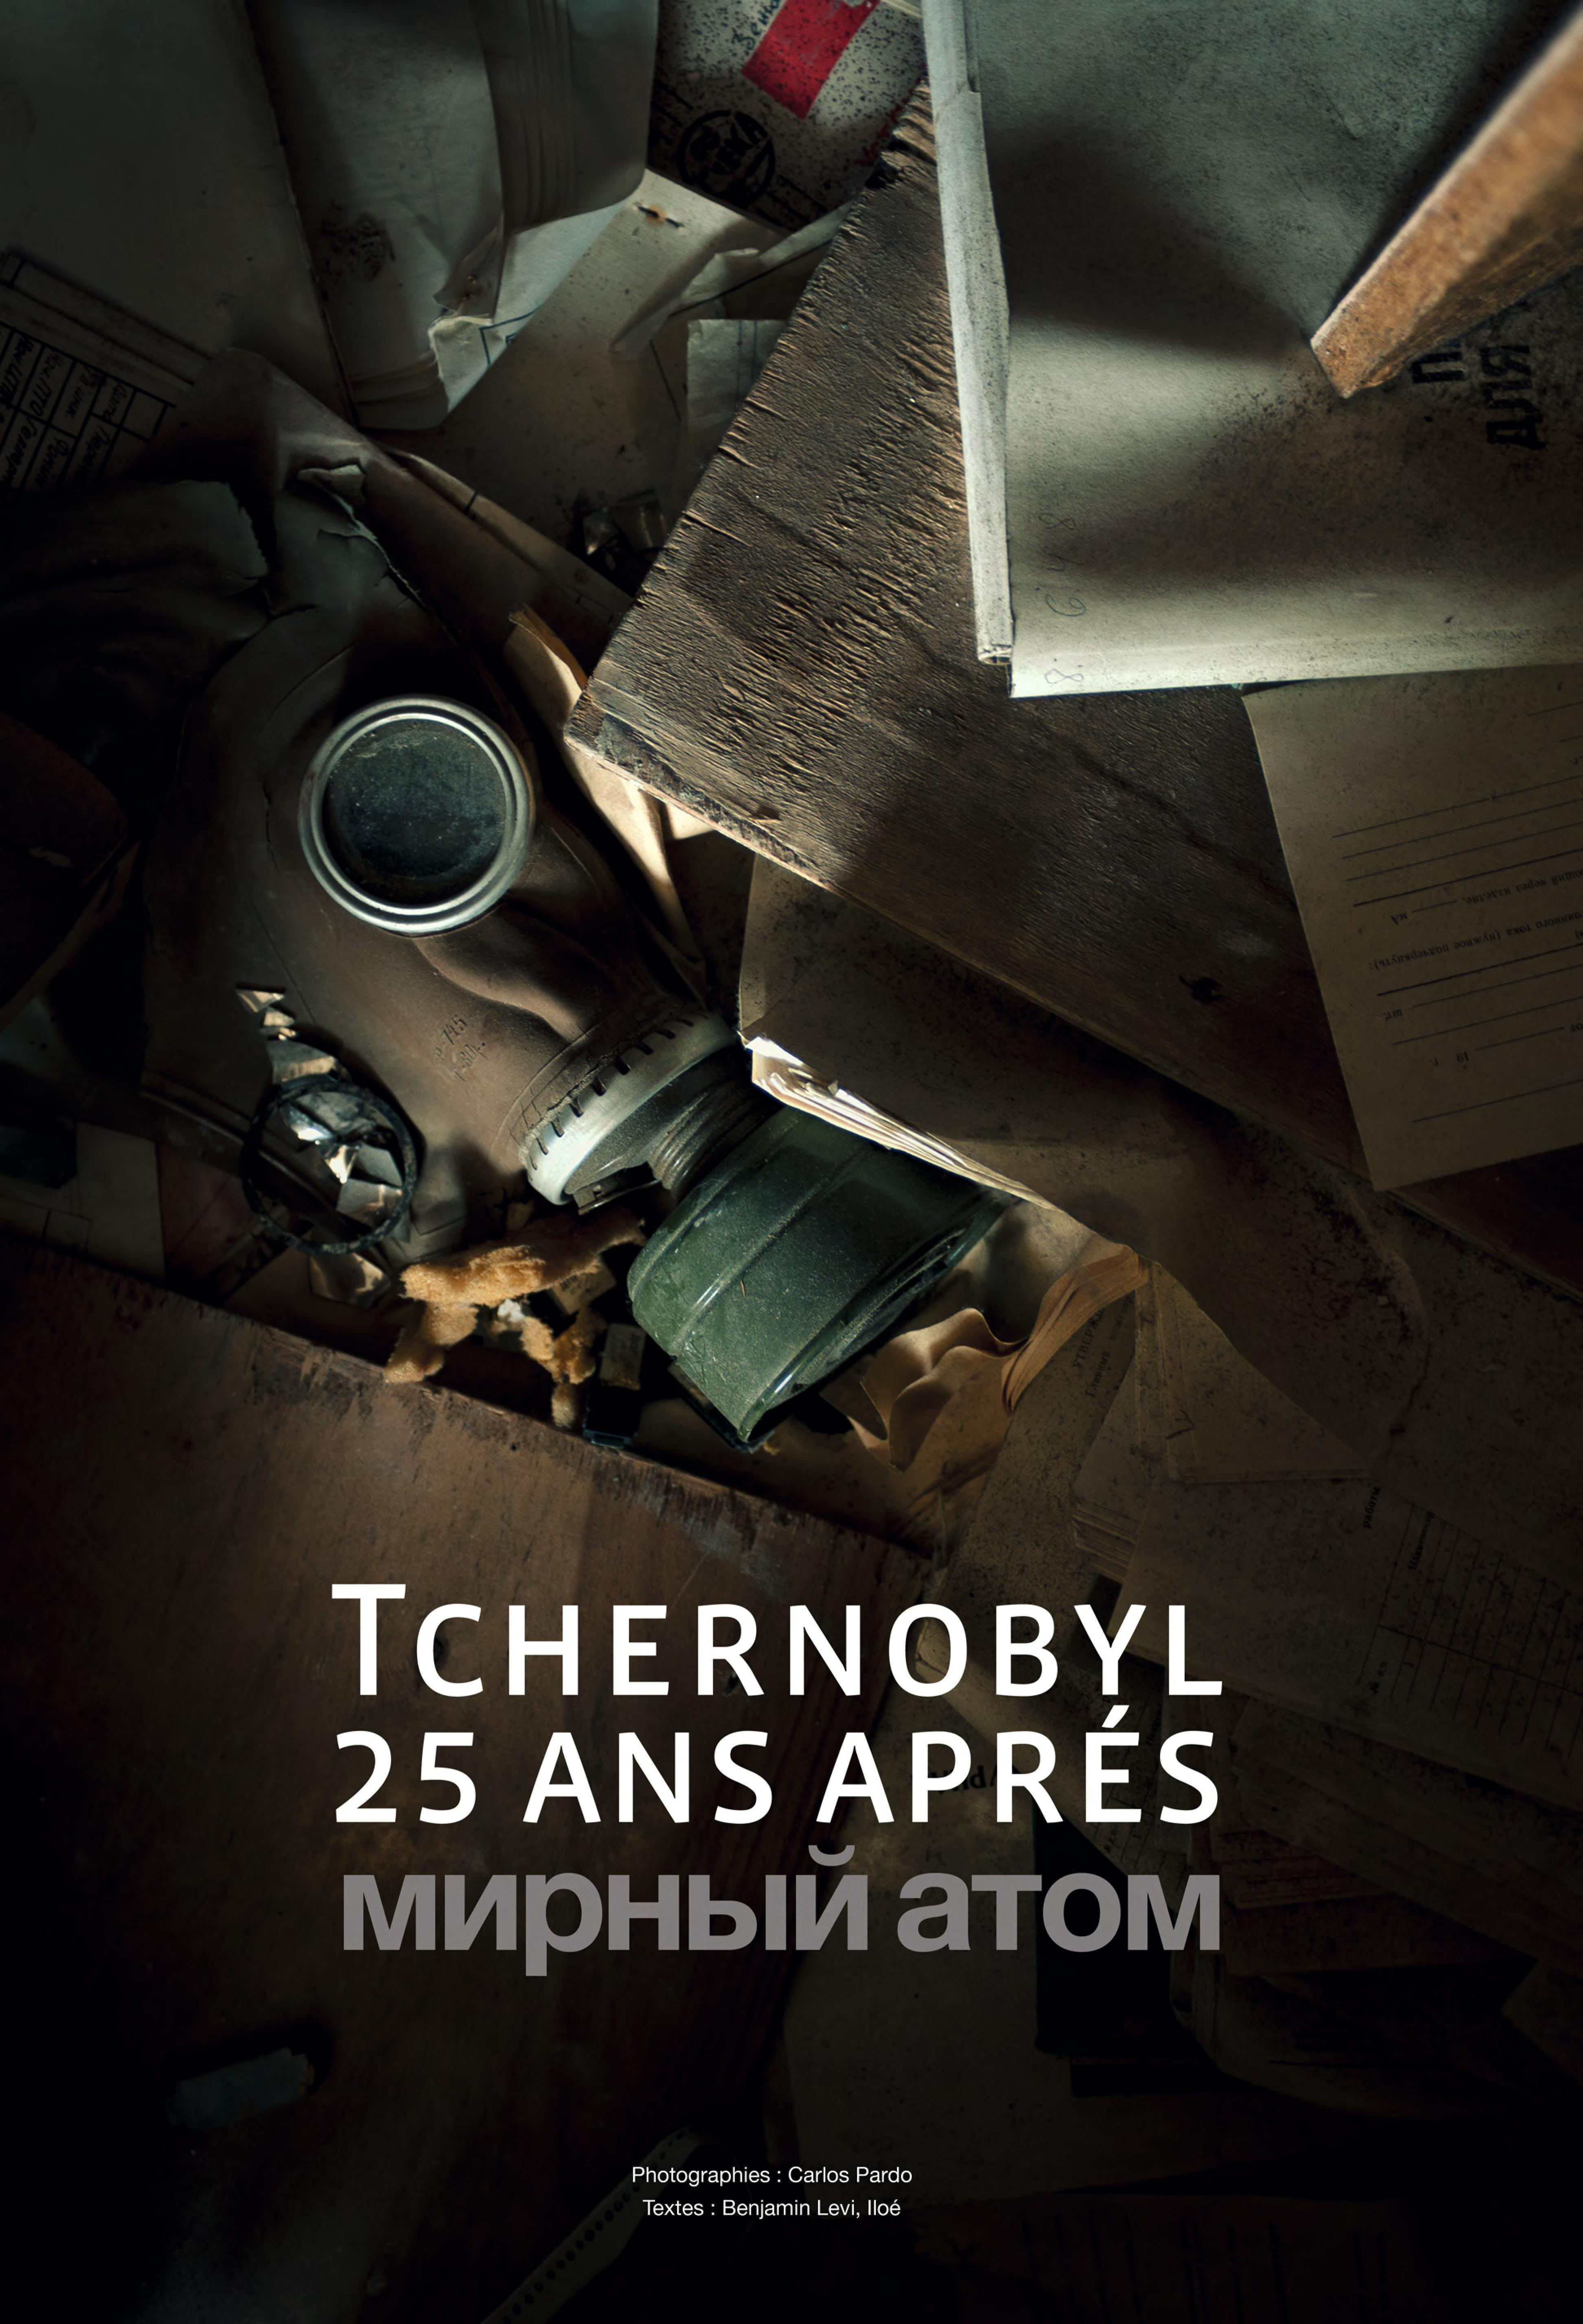 TCHERNOBYL : 25 ANS APRES